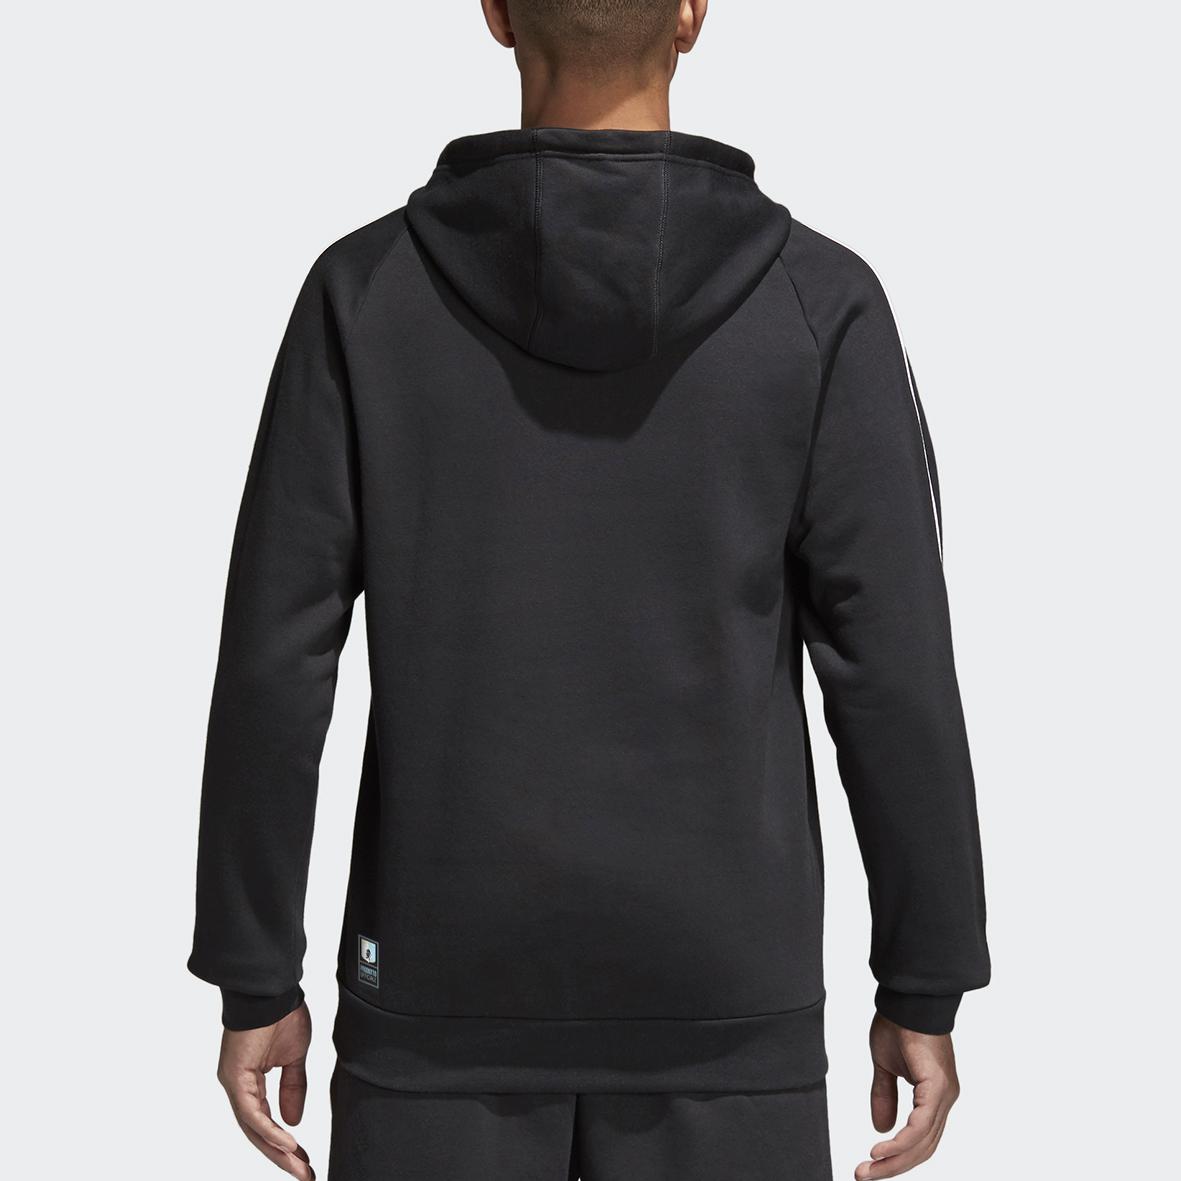 Felpa nera adulto & junior con cappuccio no zip - Virtus Entella Store